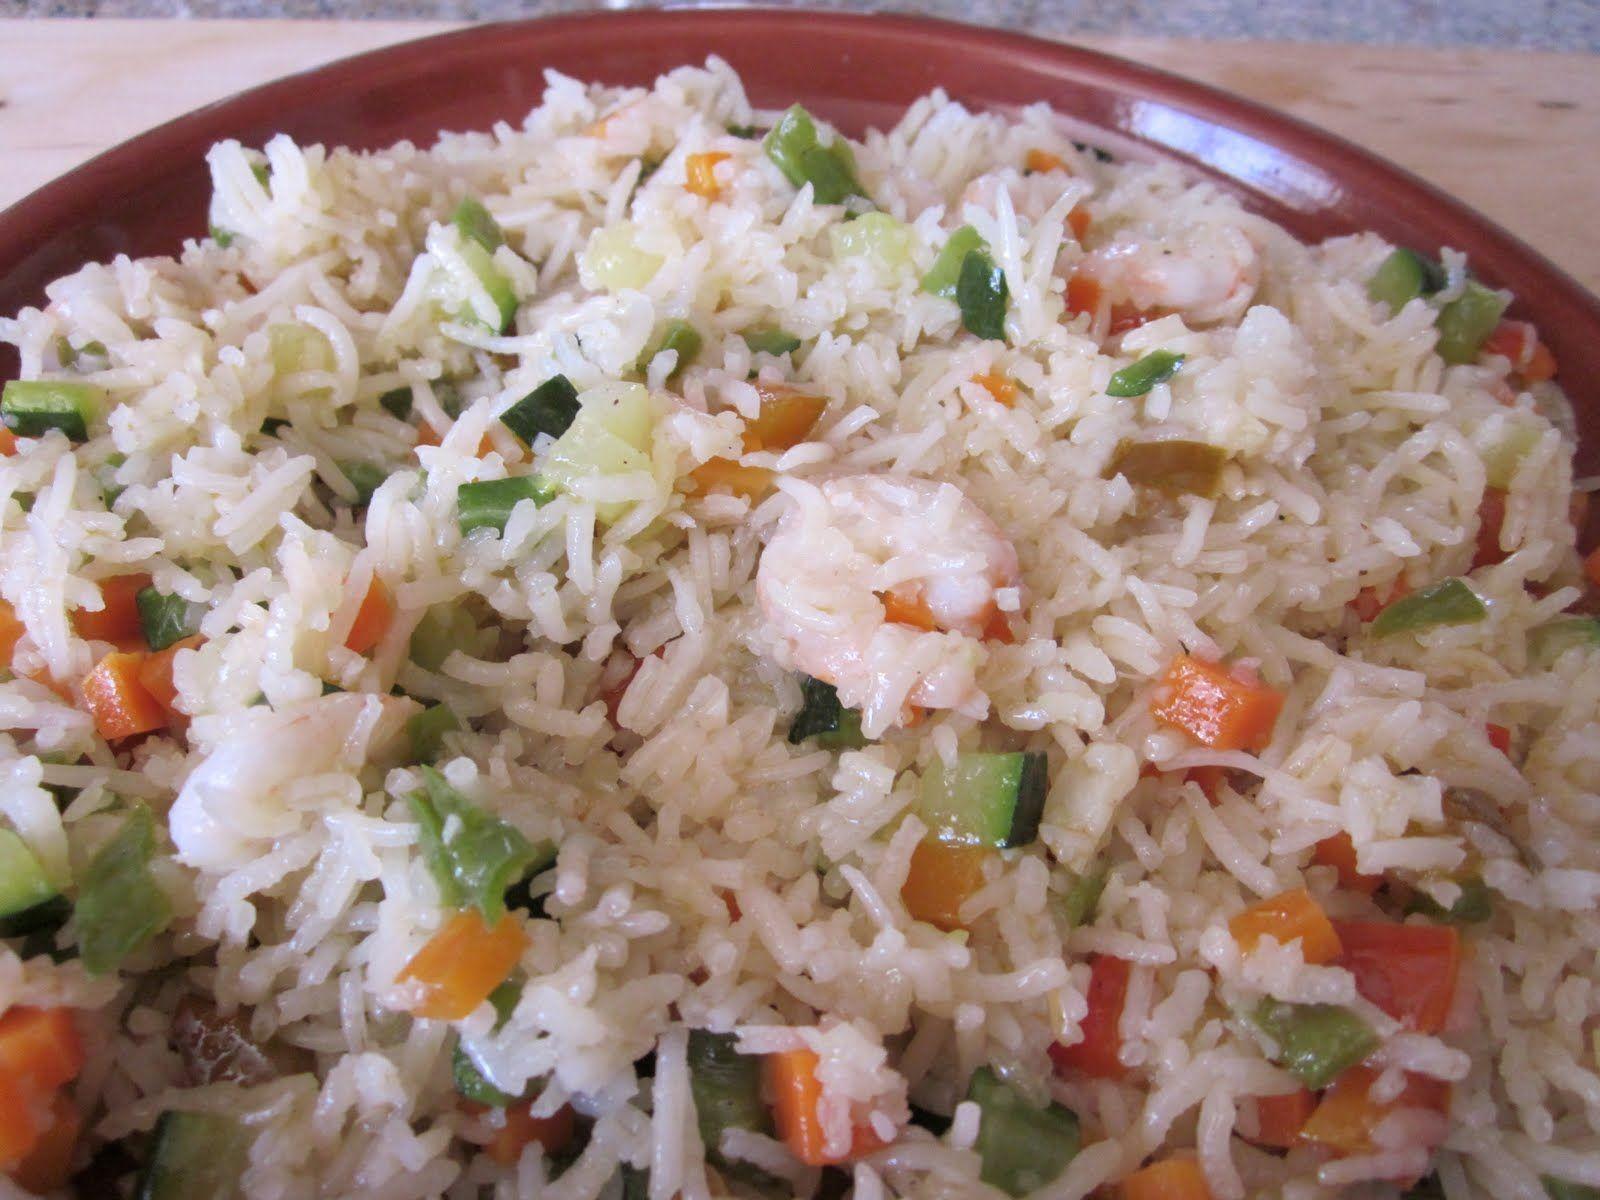 El arroz es siempre un recurso al que todos recurrimos, sobre todo los peruanos, que somos tan adictos a este grano. El arroz basmati es una variedad de grano largo, sabroso, que combina muy bien con las especias y los vegetales, como esta receta que se muestra saludable y provocativa. Atrévanse!